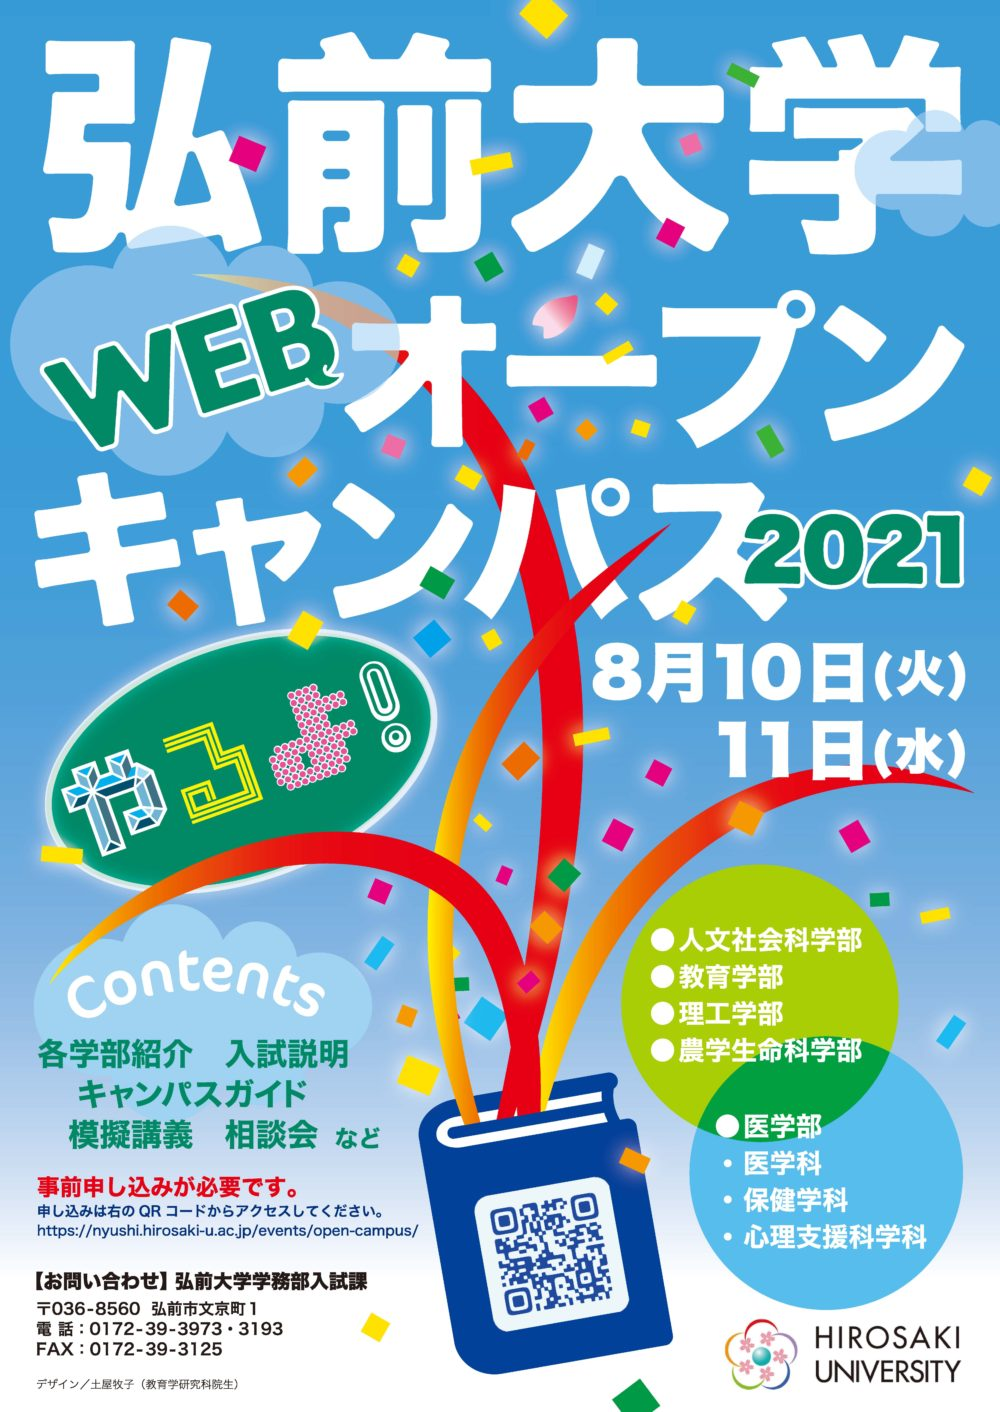 弘前大学WEBオープンキャンパス2021